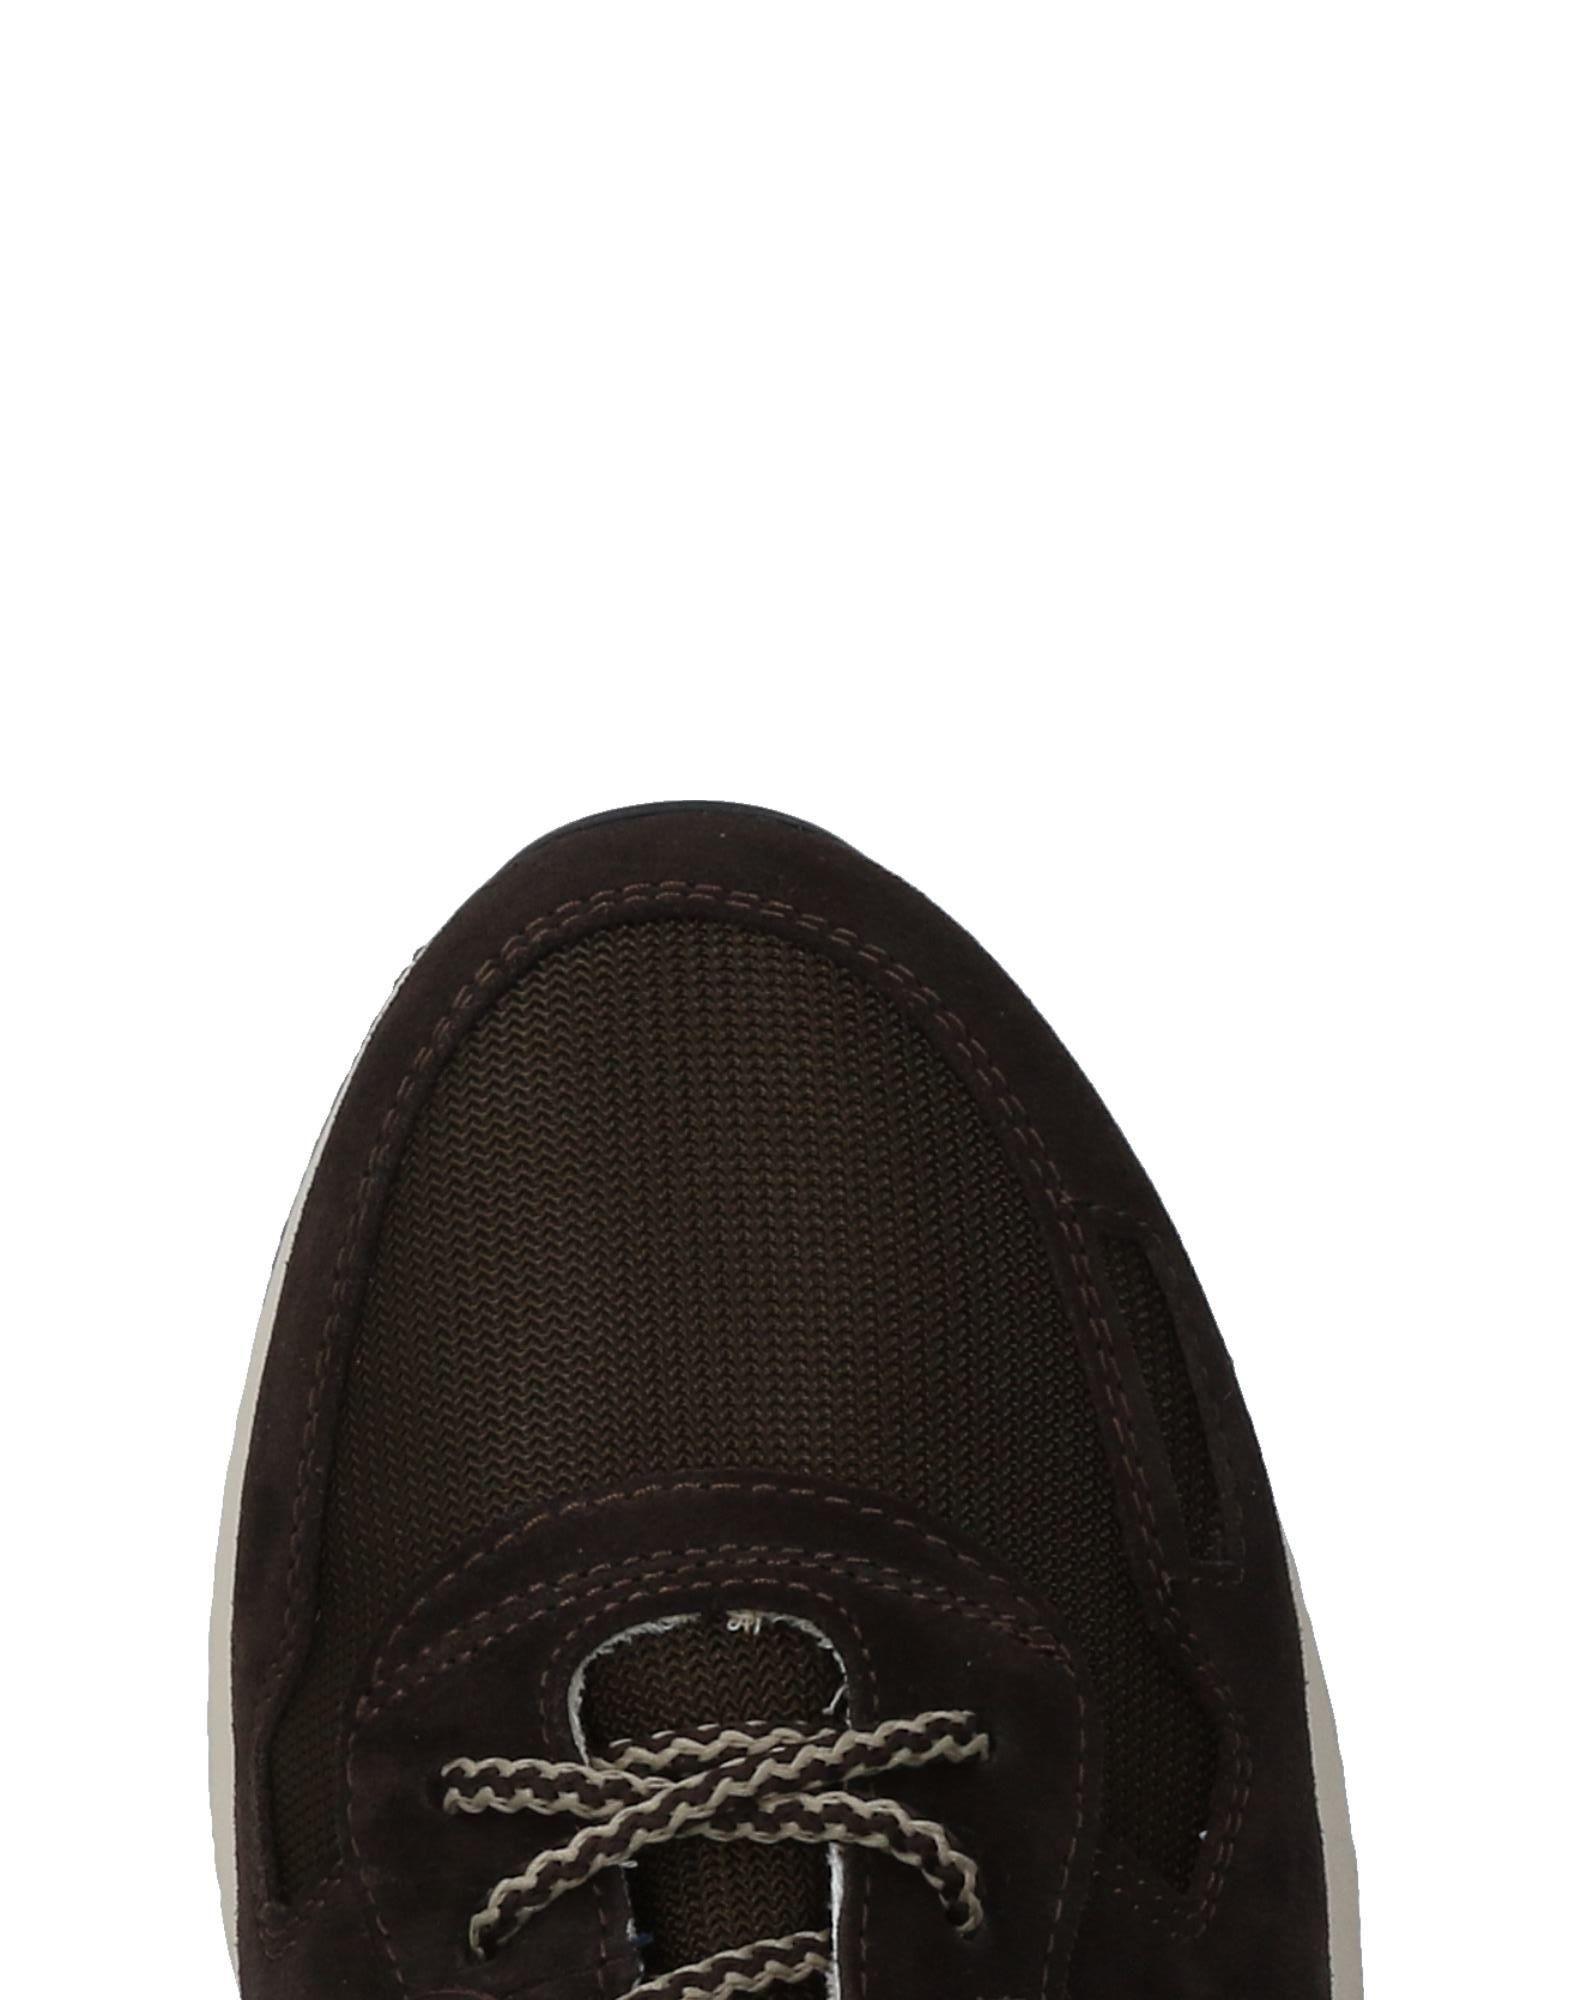 Rabatt echte Schuhe Herren Primabase Sneakers Herren Schuhe  11473928QM a6cc56